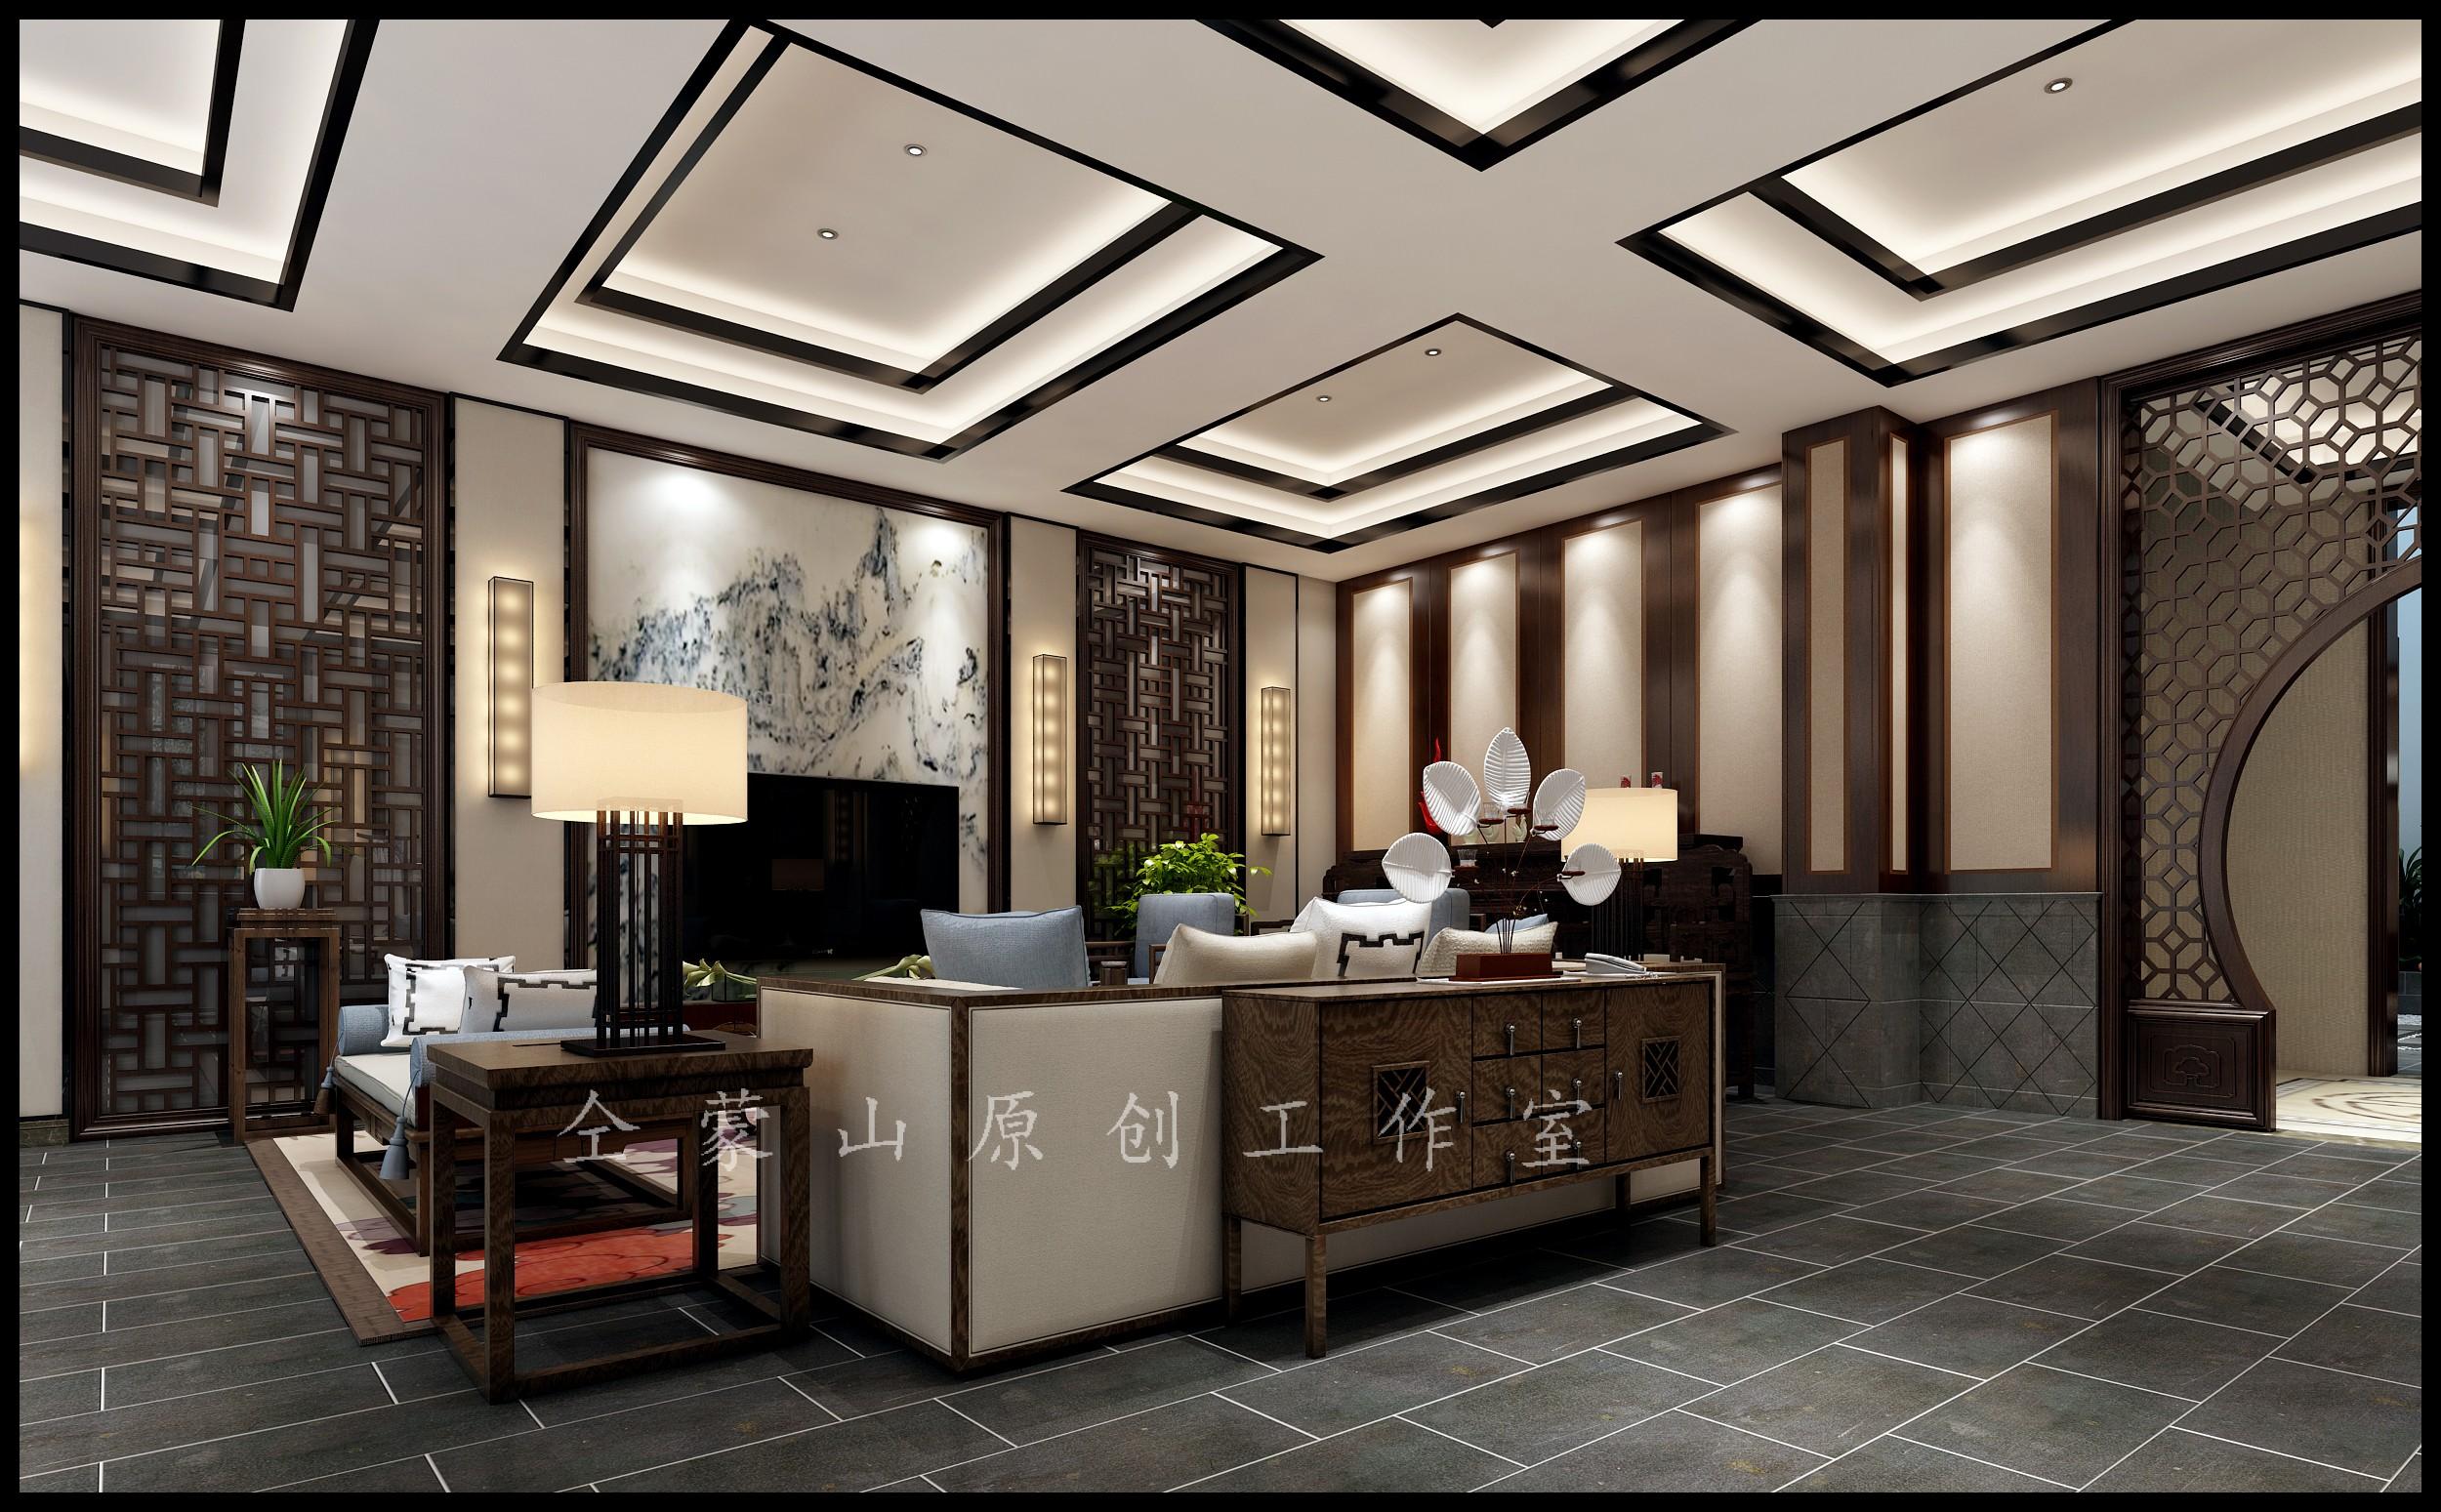 预算:     150万 装修风格: 新中式风格 设计师:   仝蒙山 所属店面